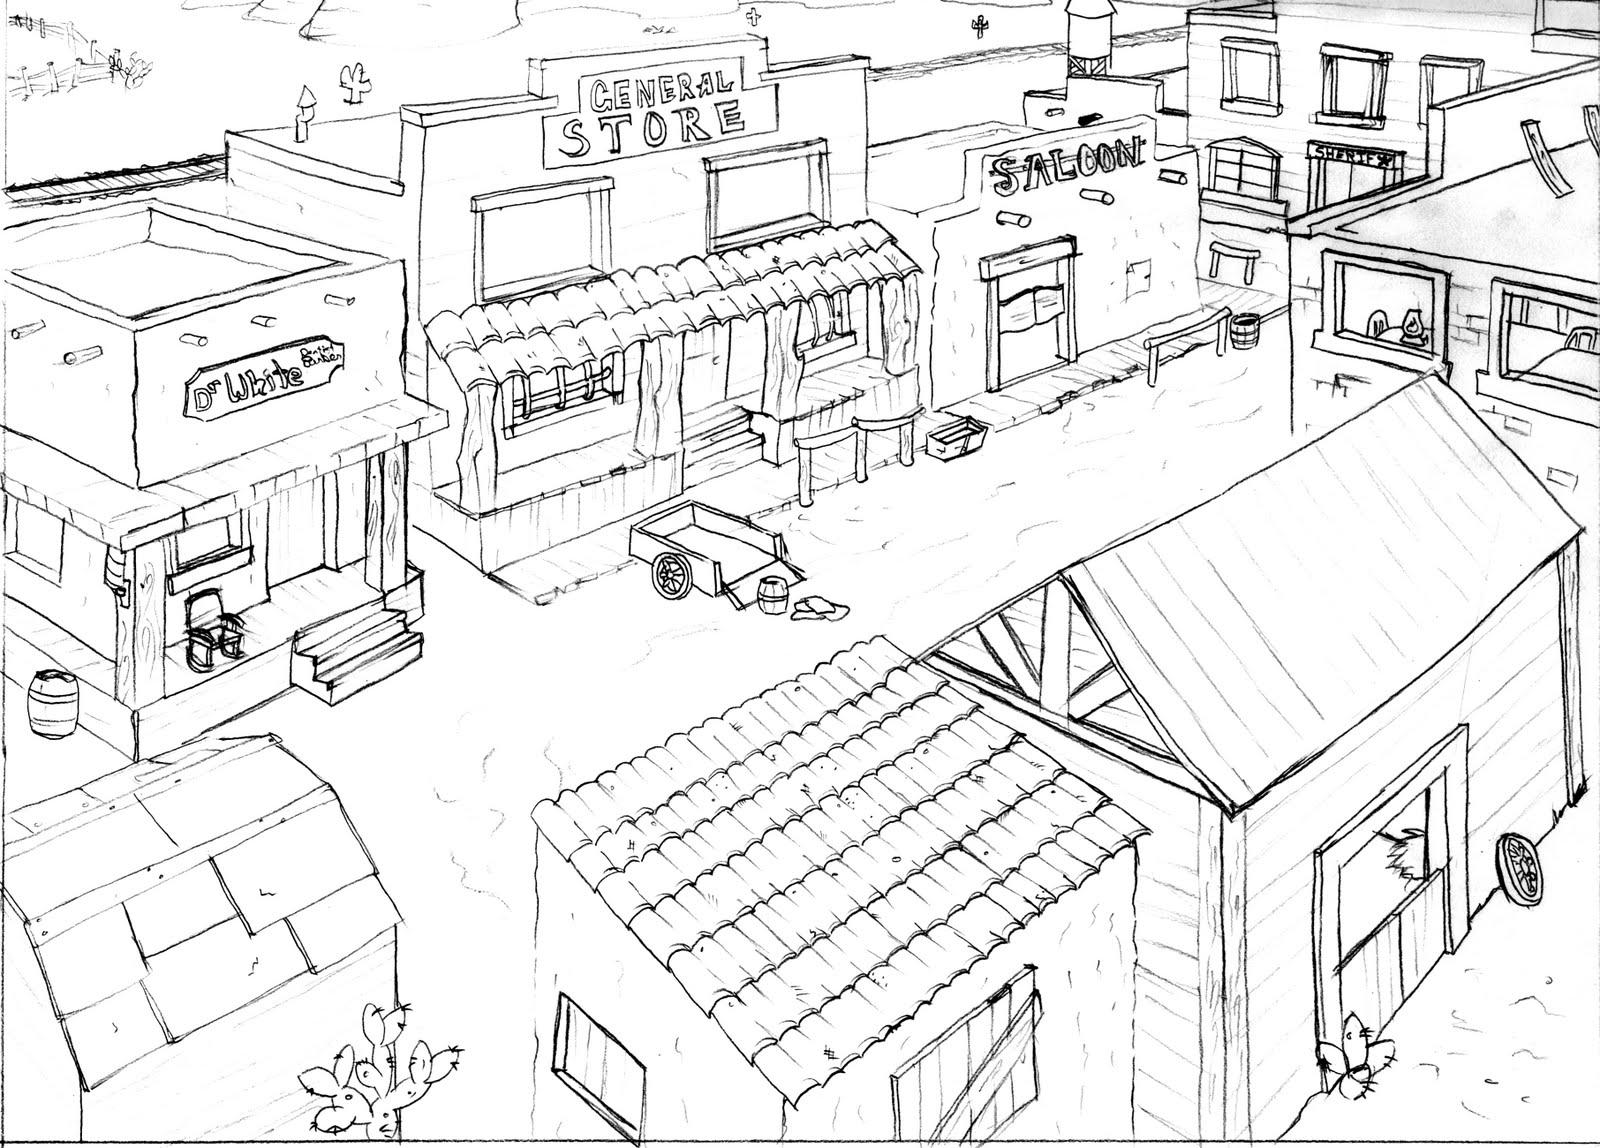 nancy 39 s art corner layout. Black Bedroom Furniture Sets. Home Design Ideas